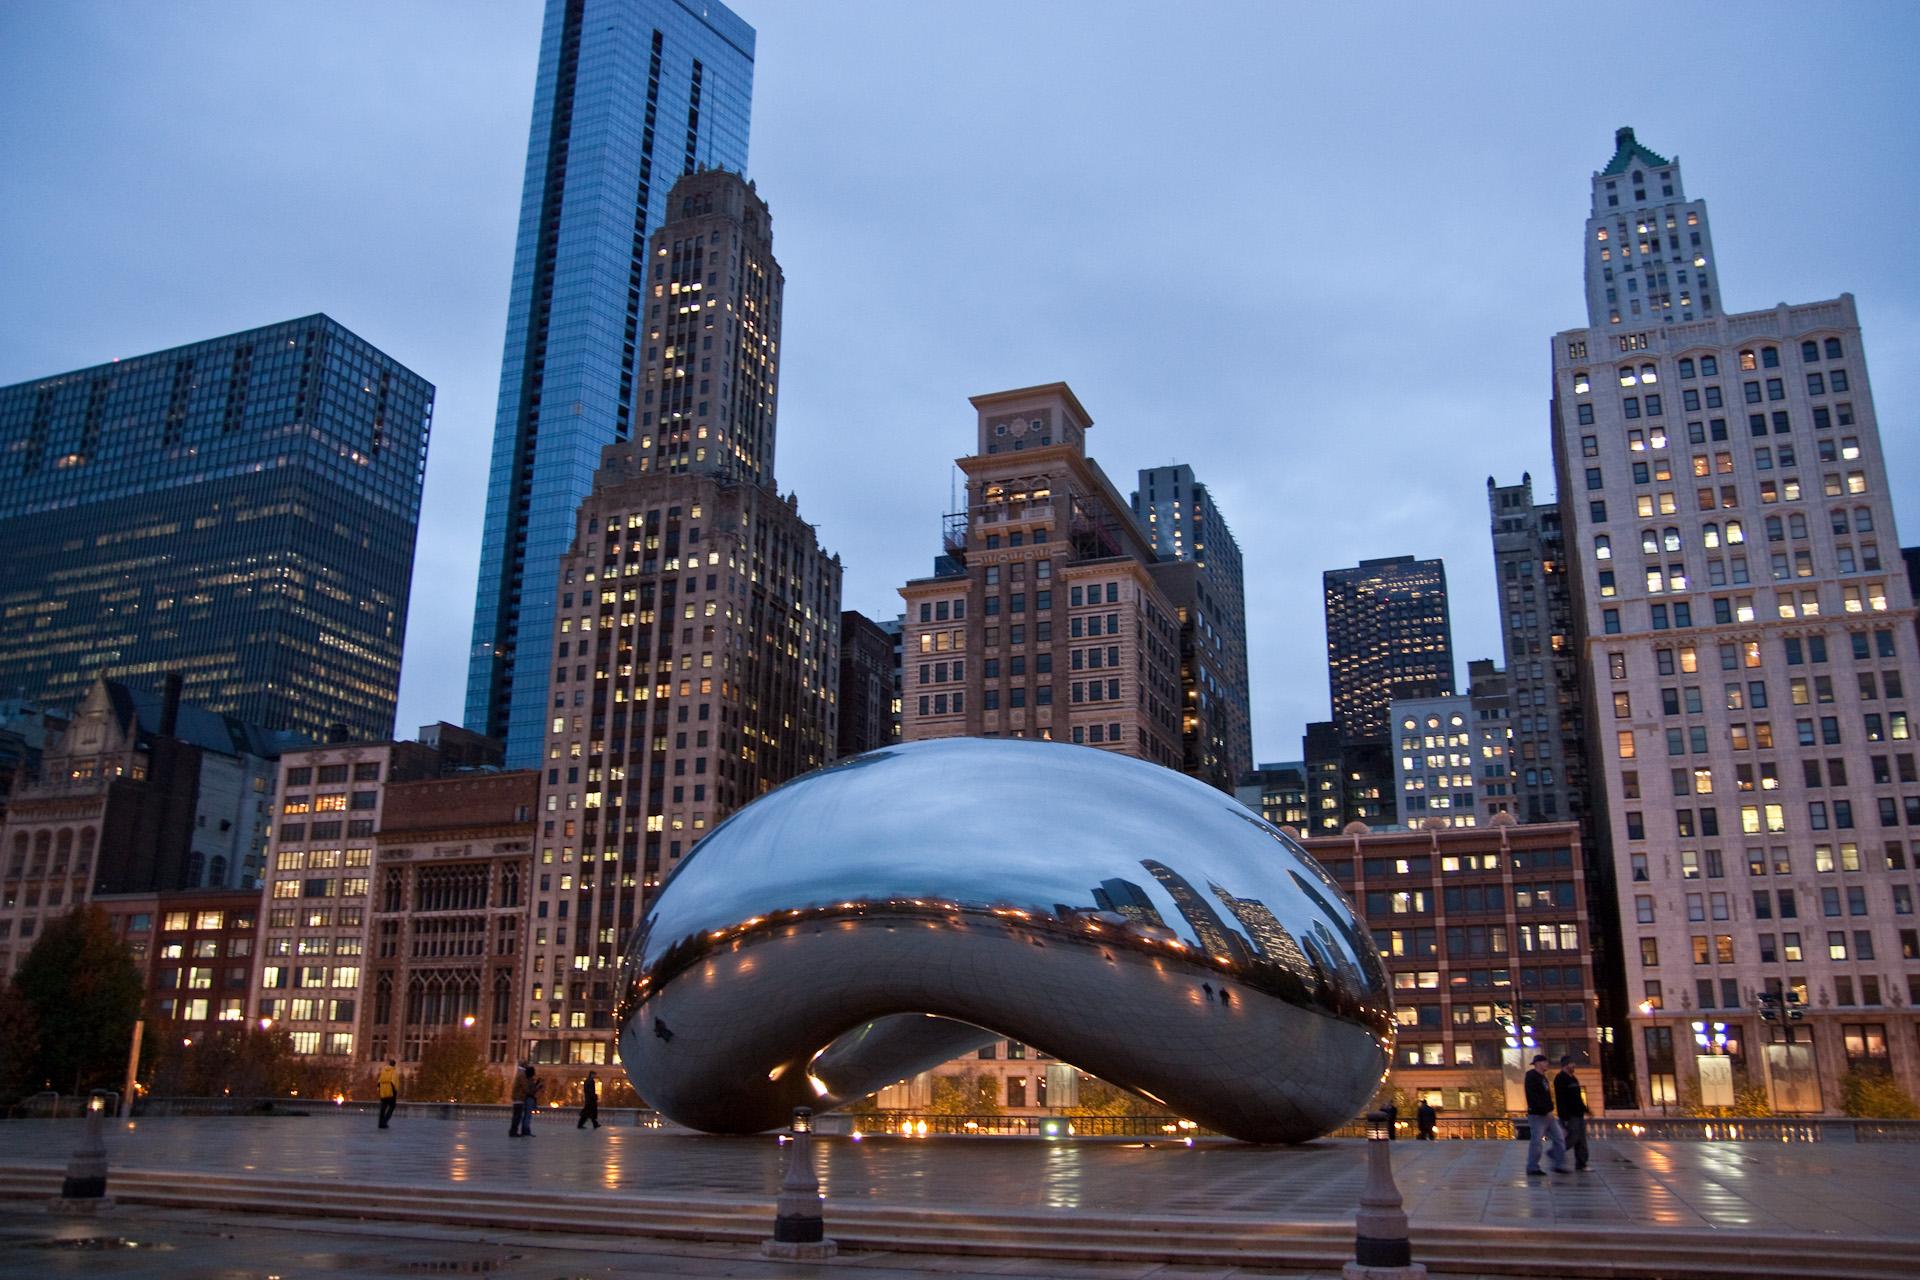 2019 芝加哥東南部7天《美東文化歷史遊》 Tour Code: CN7 (MY) 芝加哥機場接機 – 全旅假期